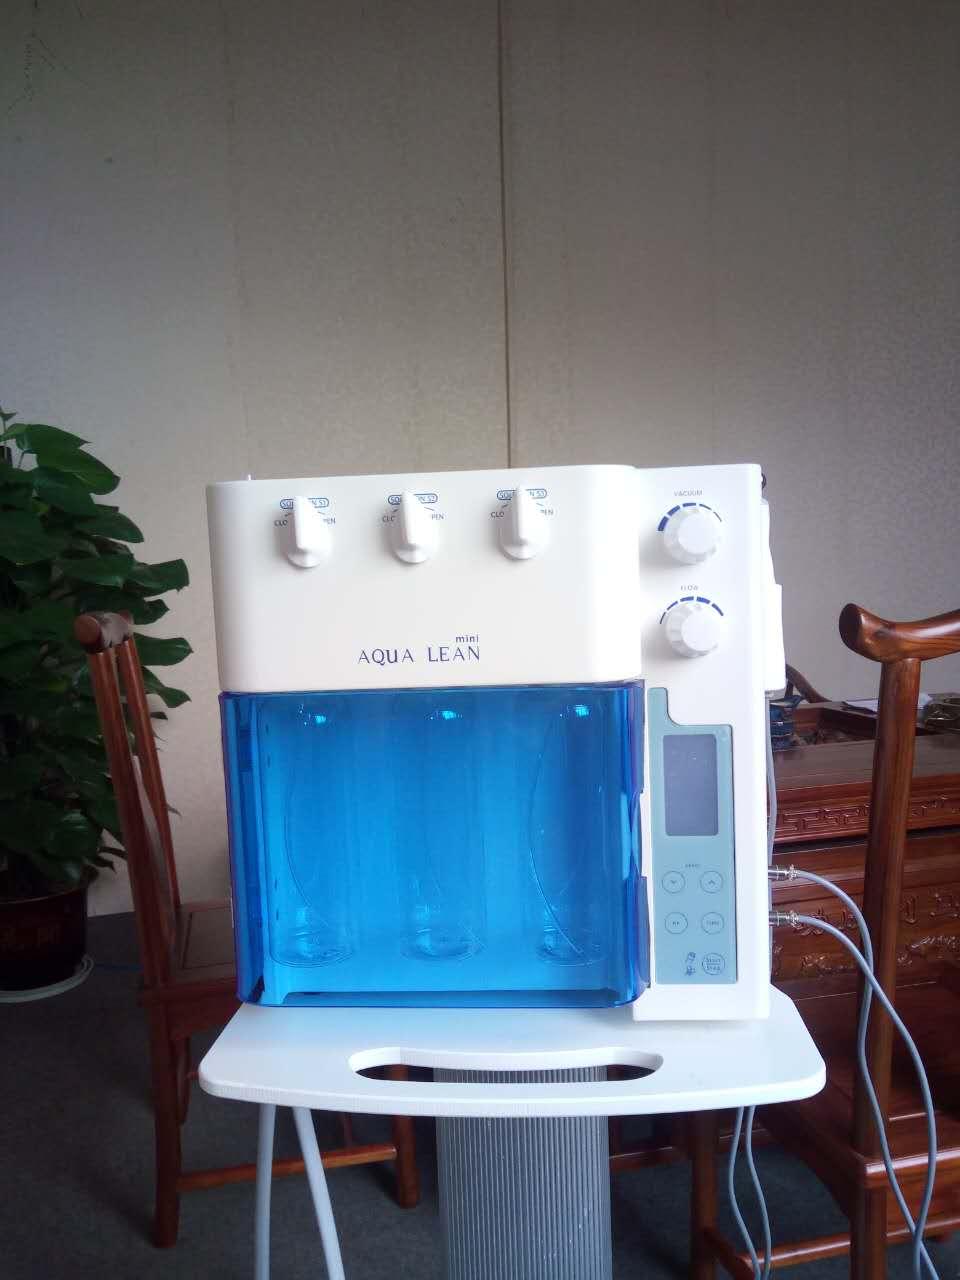 韩国小气泡价格,液态美生物科技优质的三代小气泡品牌